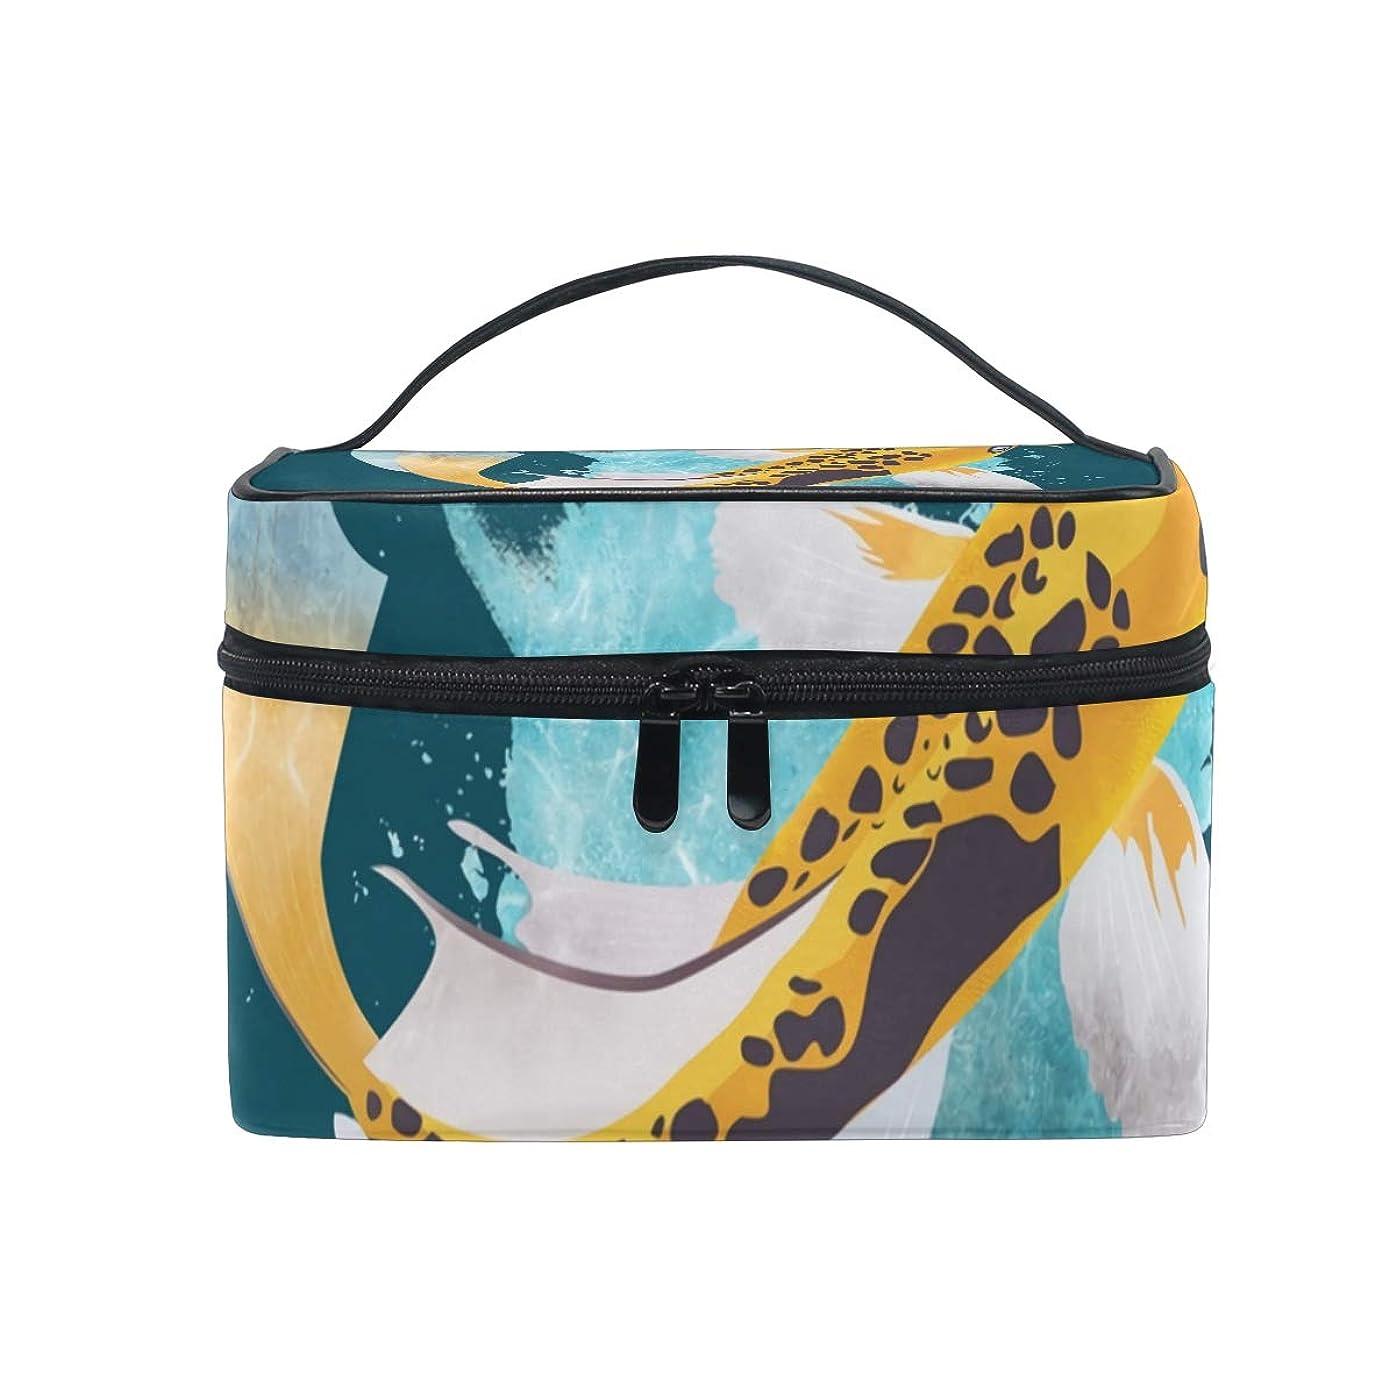 帳面保存科学的メイクボックス 鯉魚のはね柄 化粧ポーチ 化粧品 化粧道具 小物入れ メイクブラシバッグ 大容量 旅行用 収納ケース